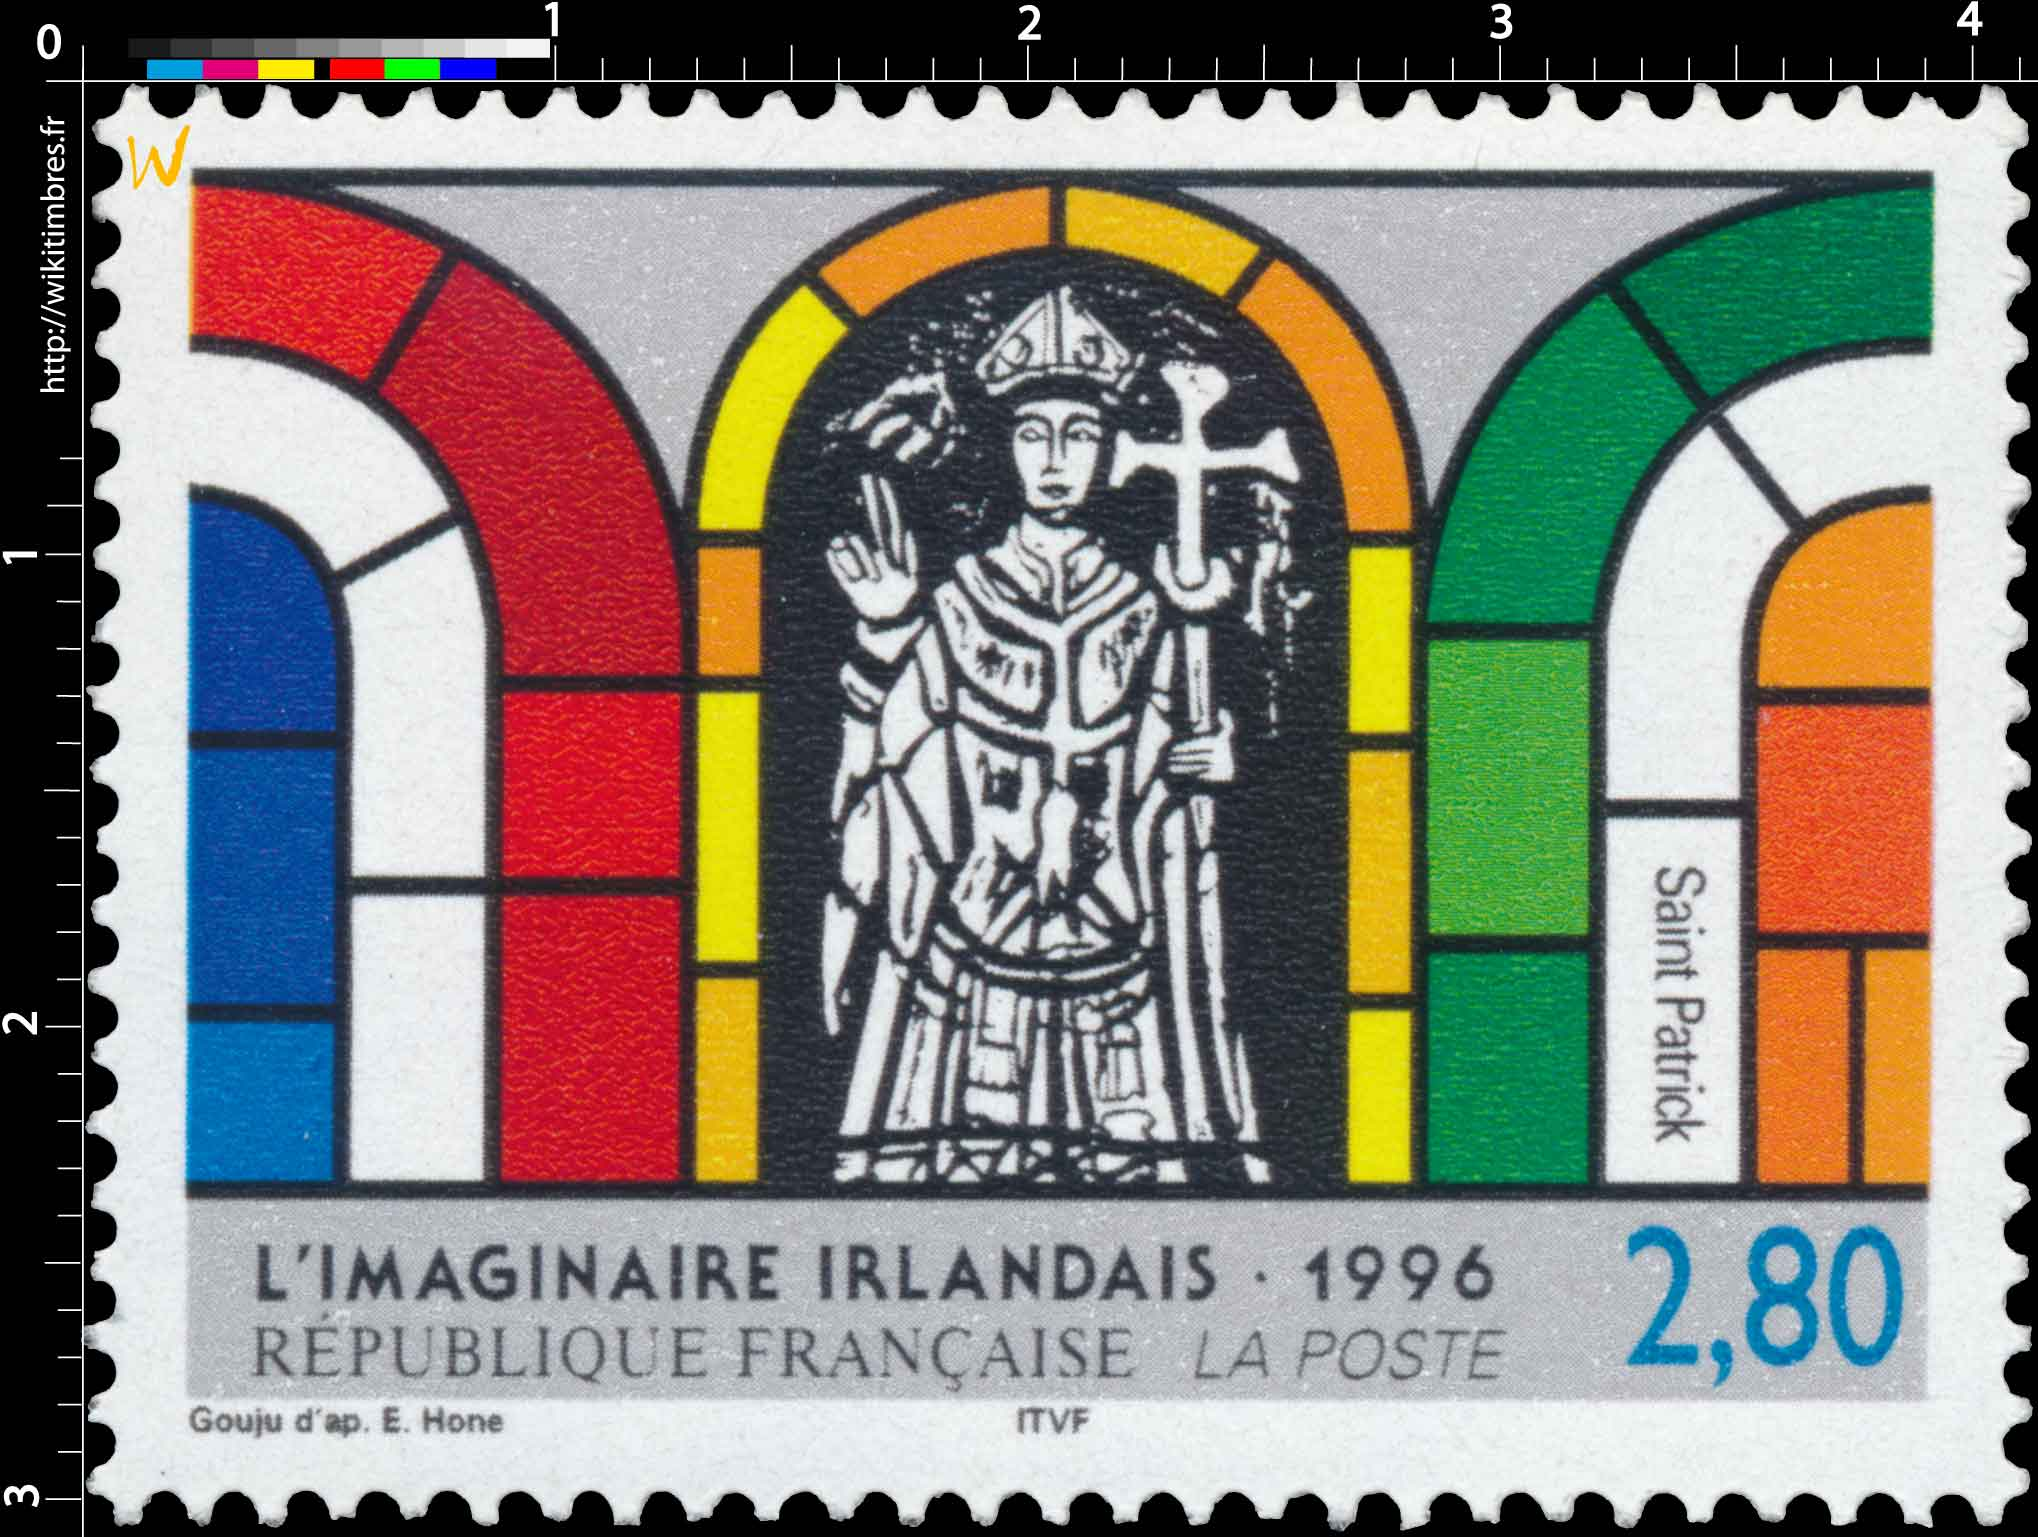 1996 L'IMAGINAIRE IRLANDAIS Saint Patrick